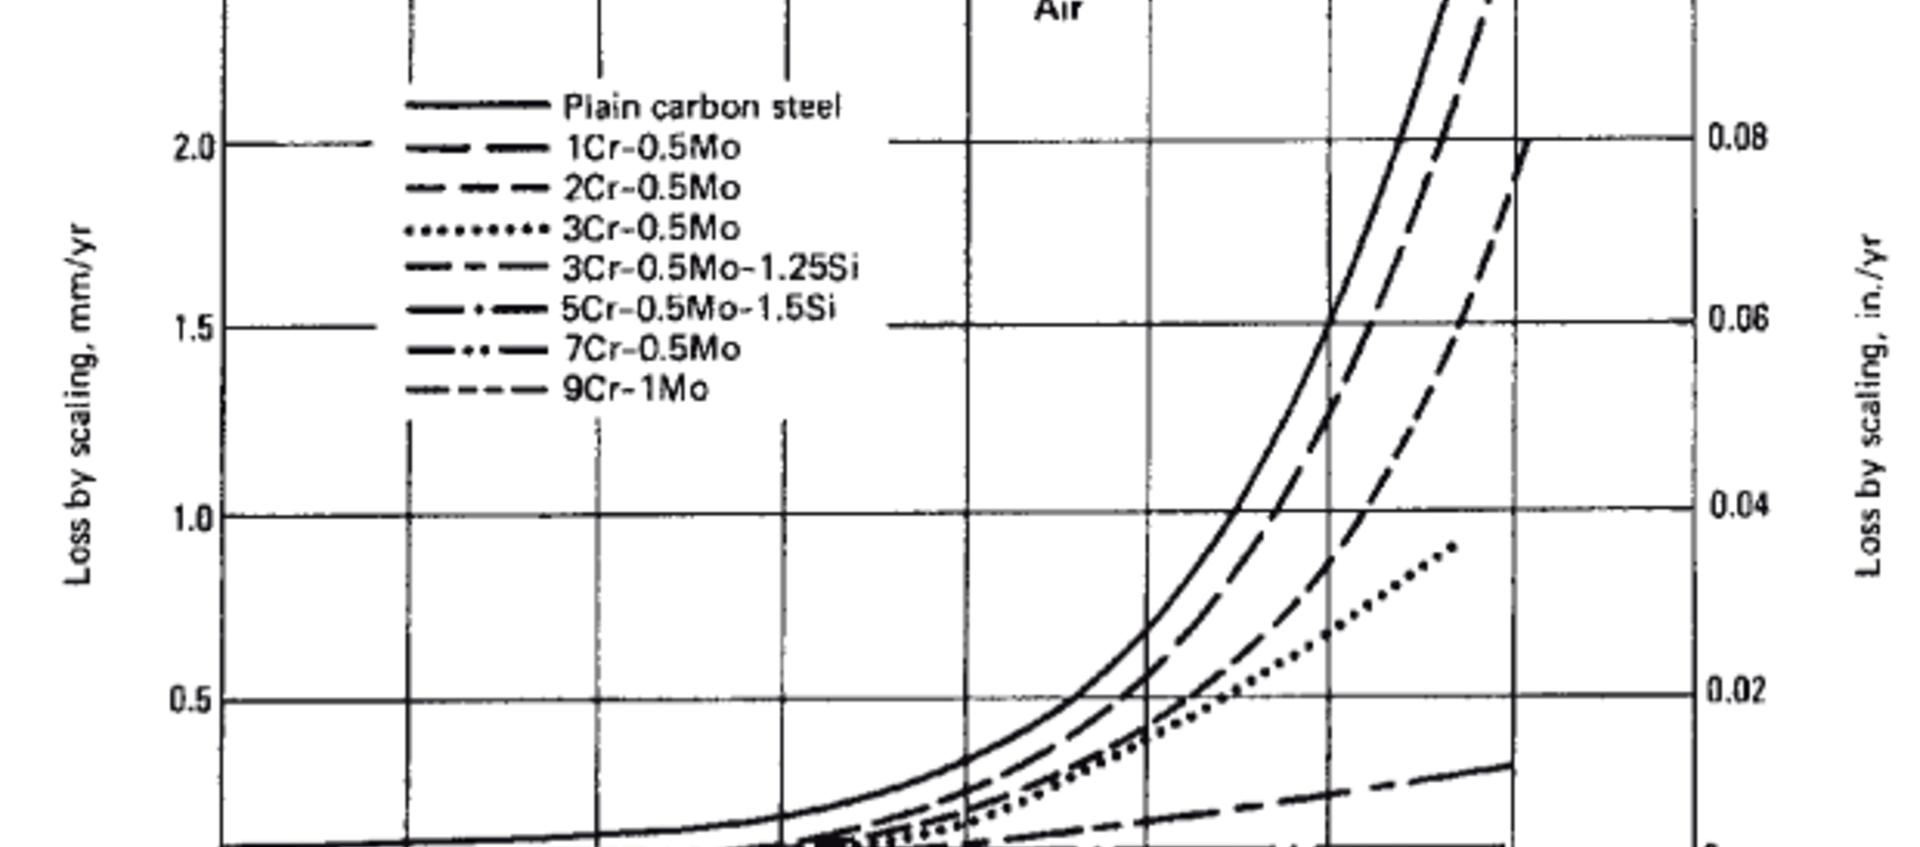 Materialen en hun lasbaarheid groep 4 en 5 volgens ISO/TR 15608